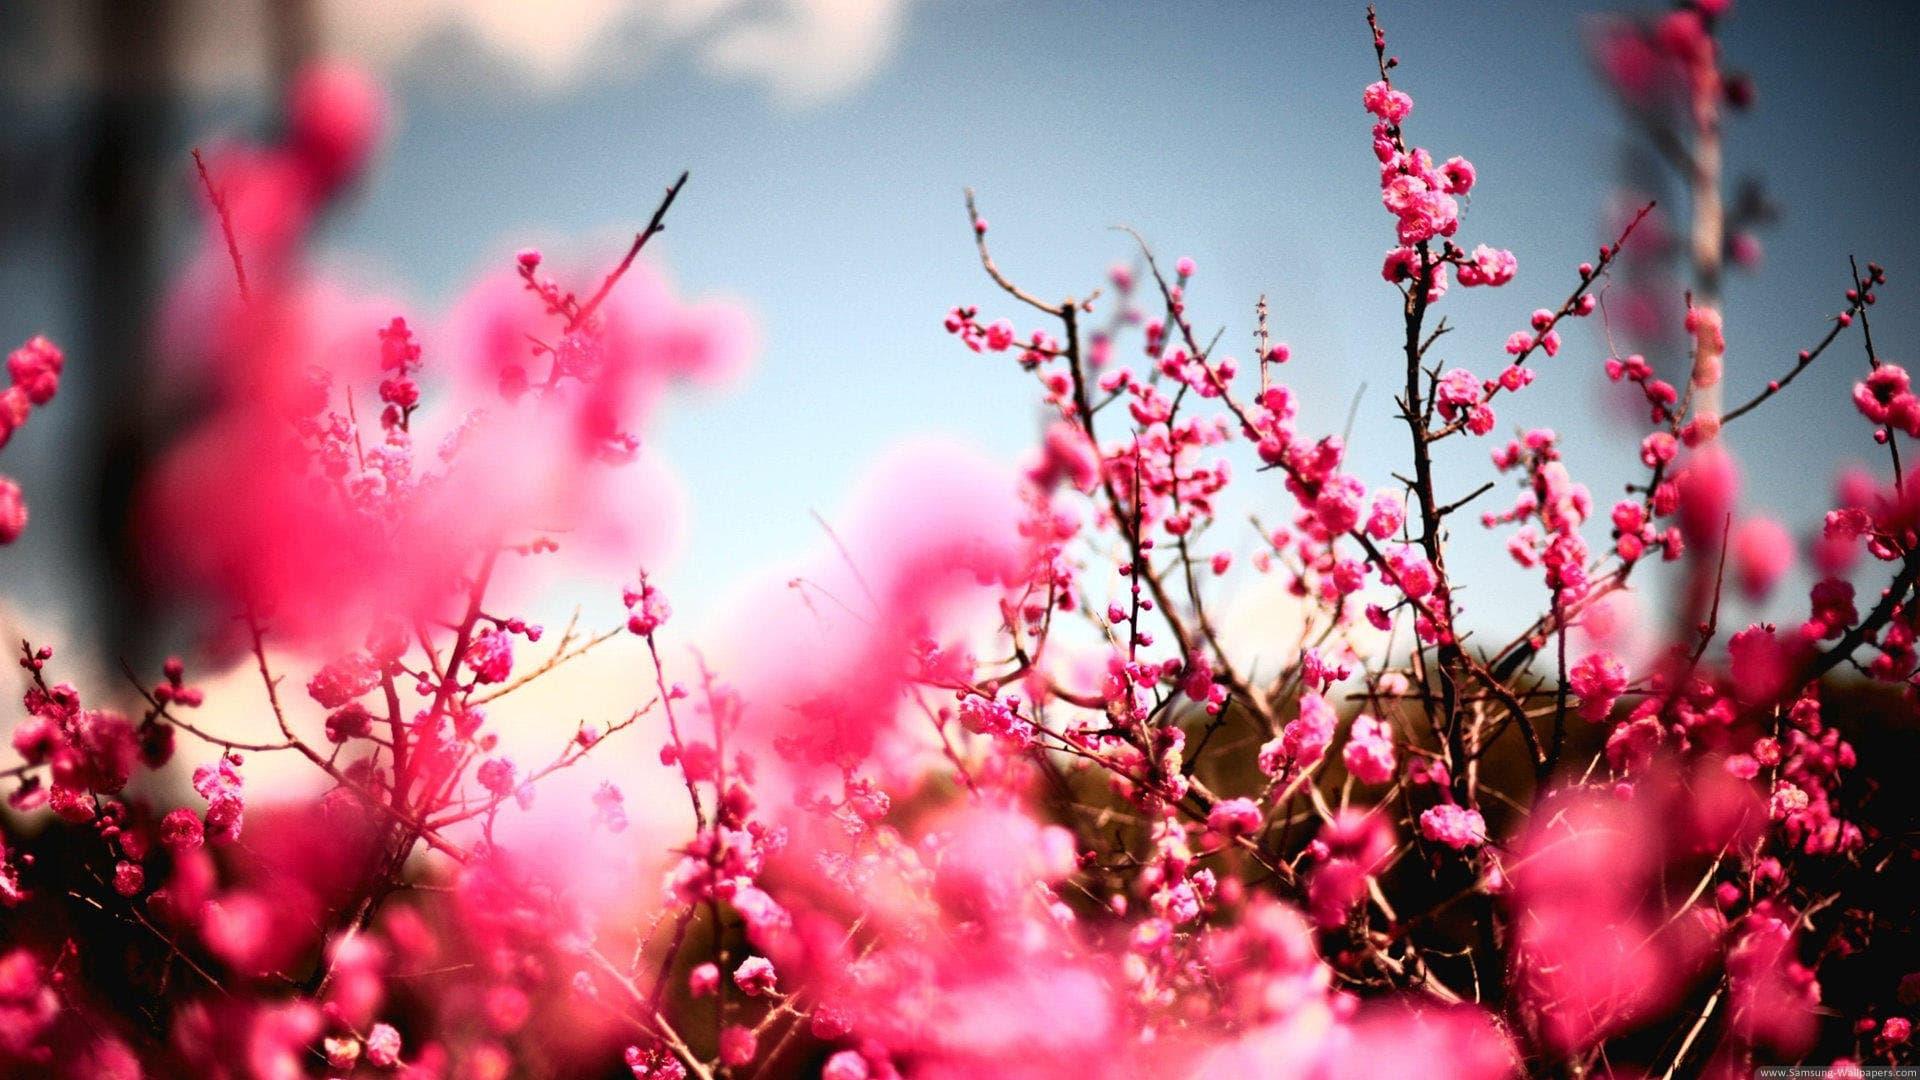 Hình ảnh vườn Đào ngày xuân